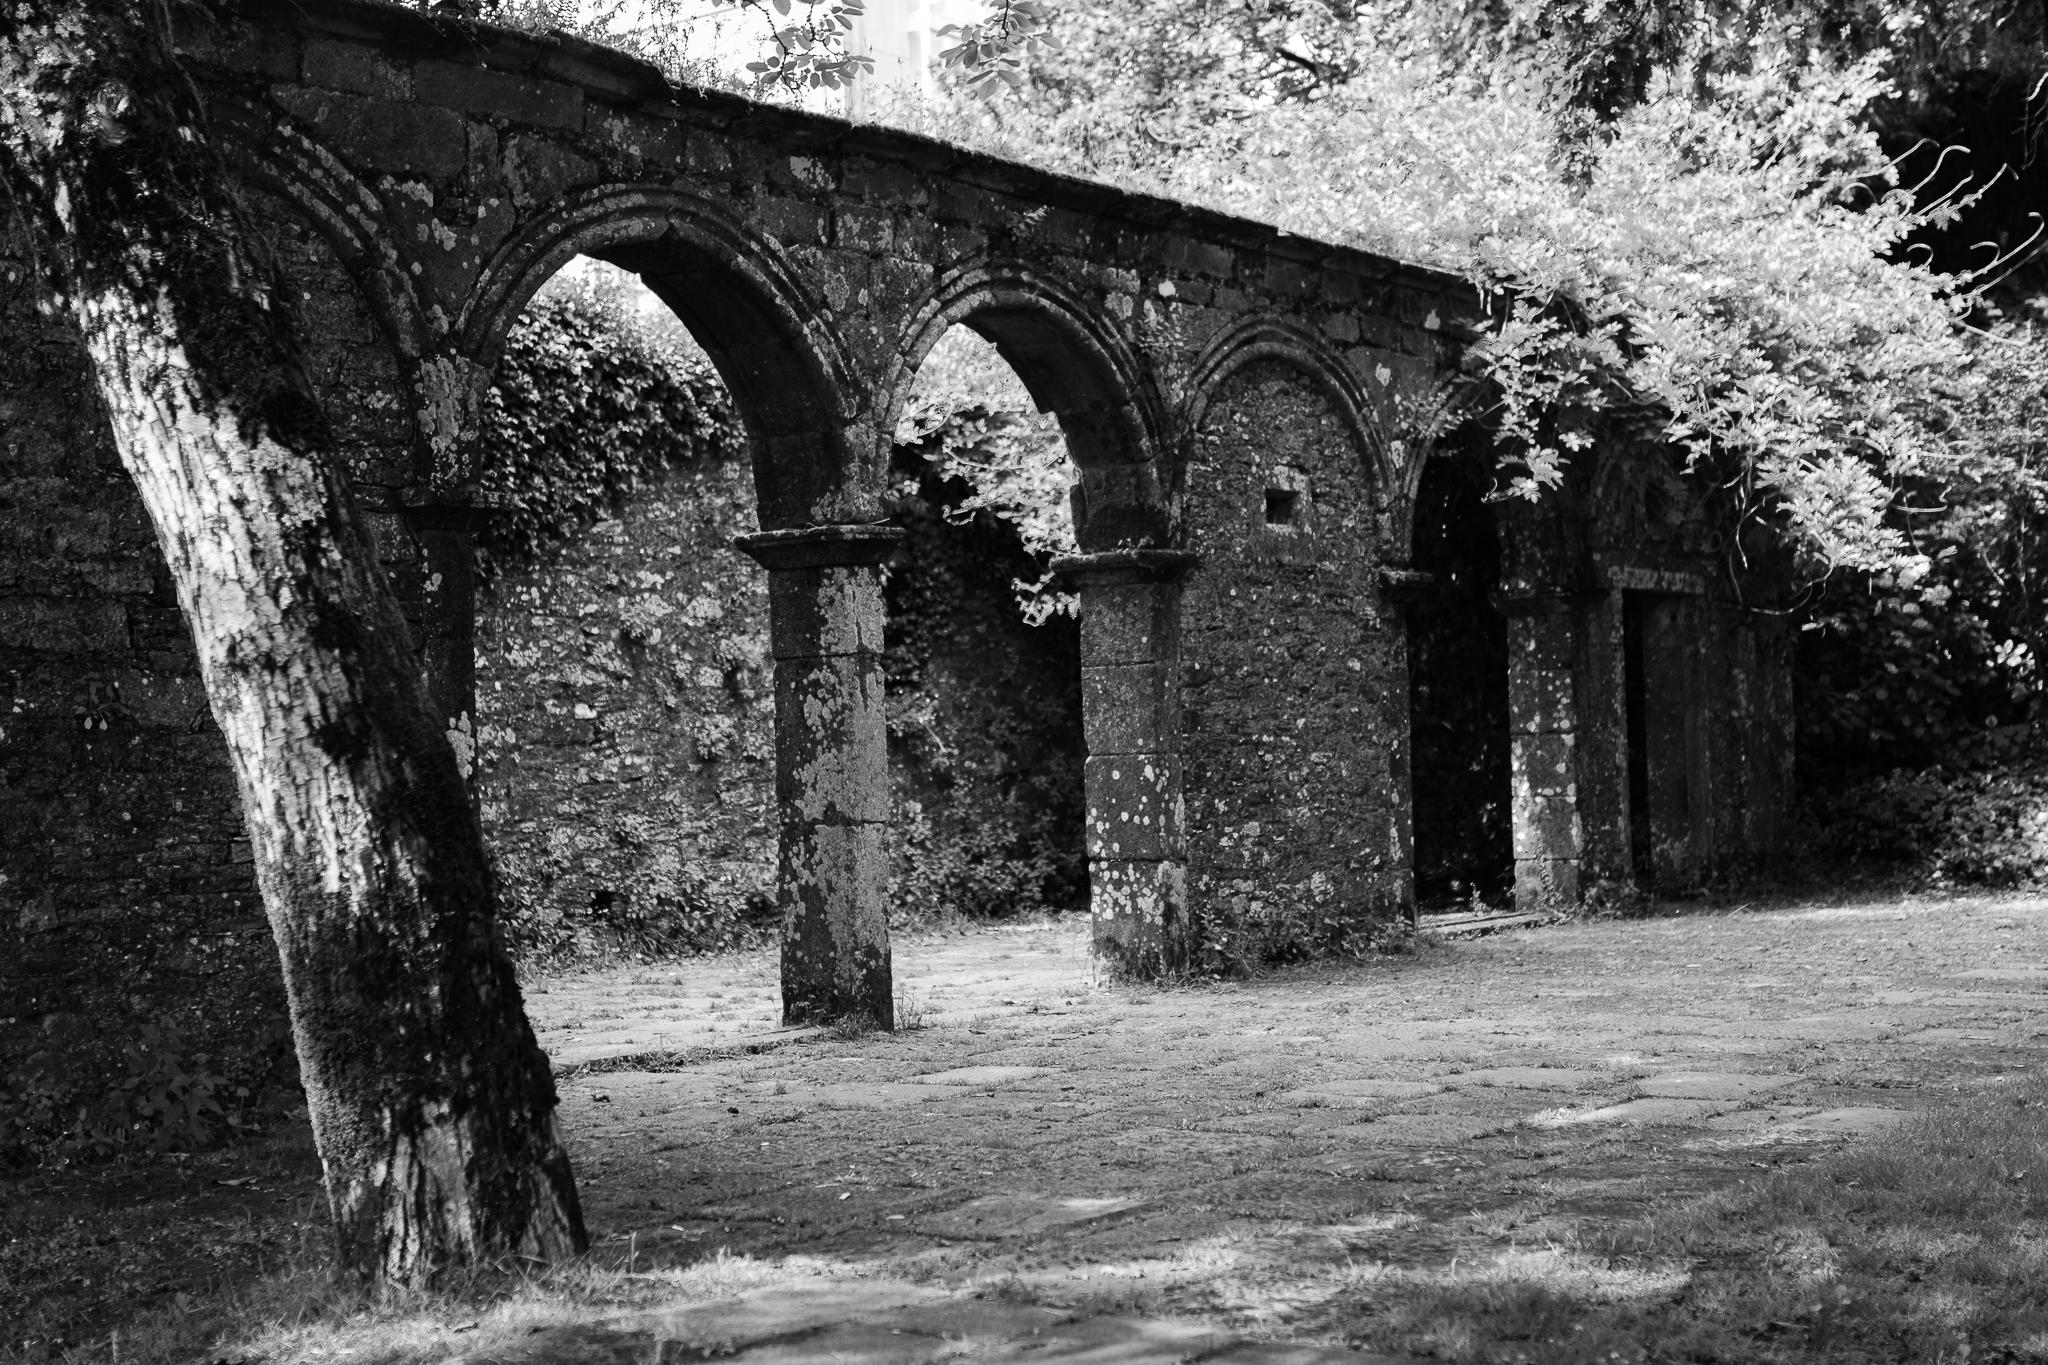 Inaugurado el 24 de julio de 1994, esta antigua finca y cementerio situados en el barrio de San Pedro fueron rehabilitados como parque por la arquitecta gallega Isabel Aguirre y el portugués Álvaro Siza. El Parque de San Domingos de Bonaval conecta, por medio de la Porta do Camiño, con el casco histórico de Compostela.